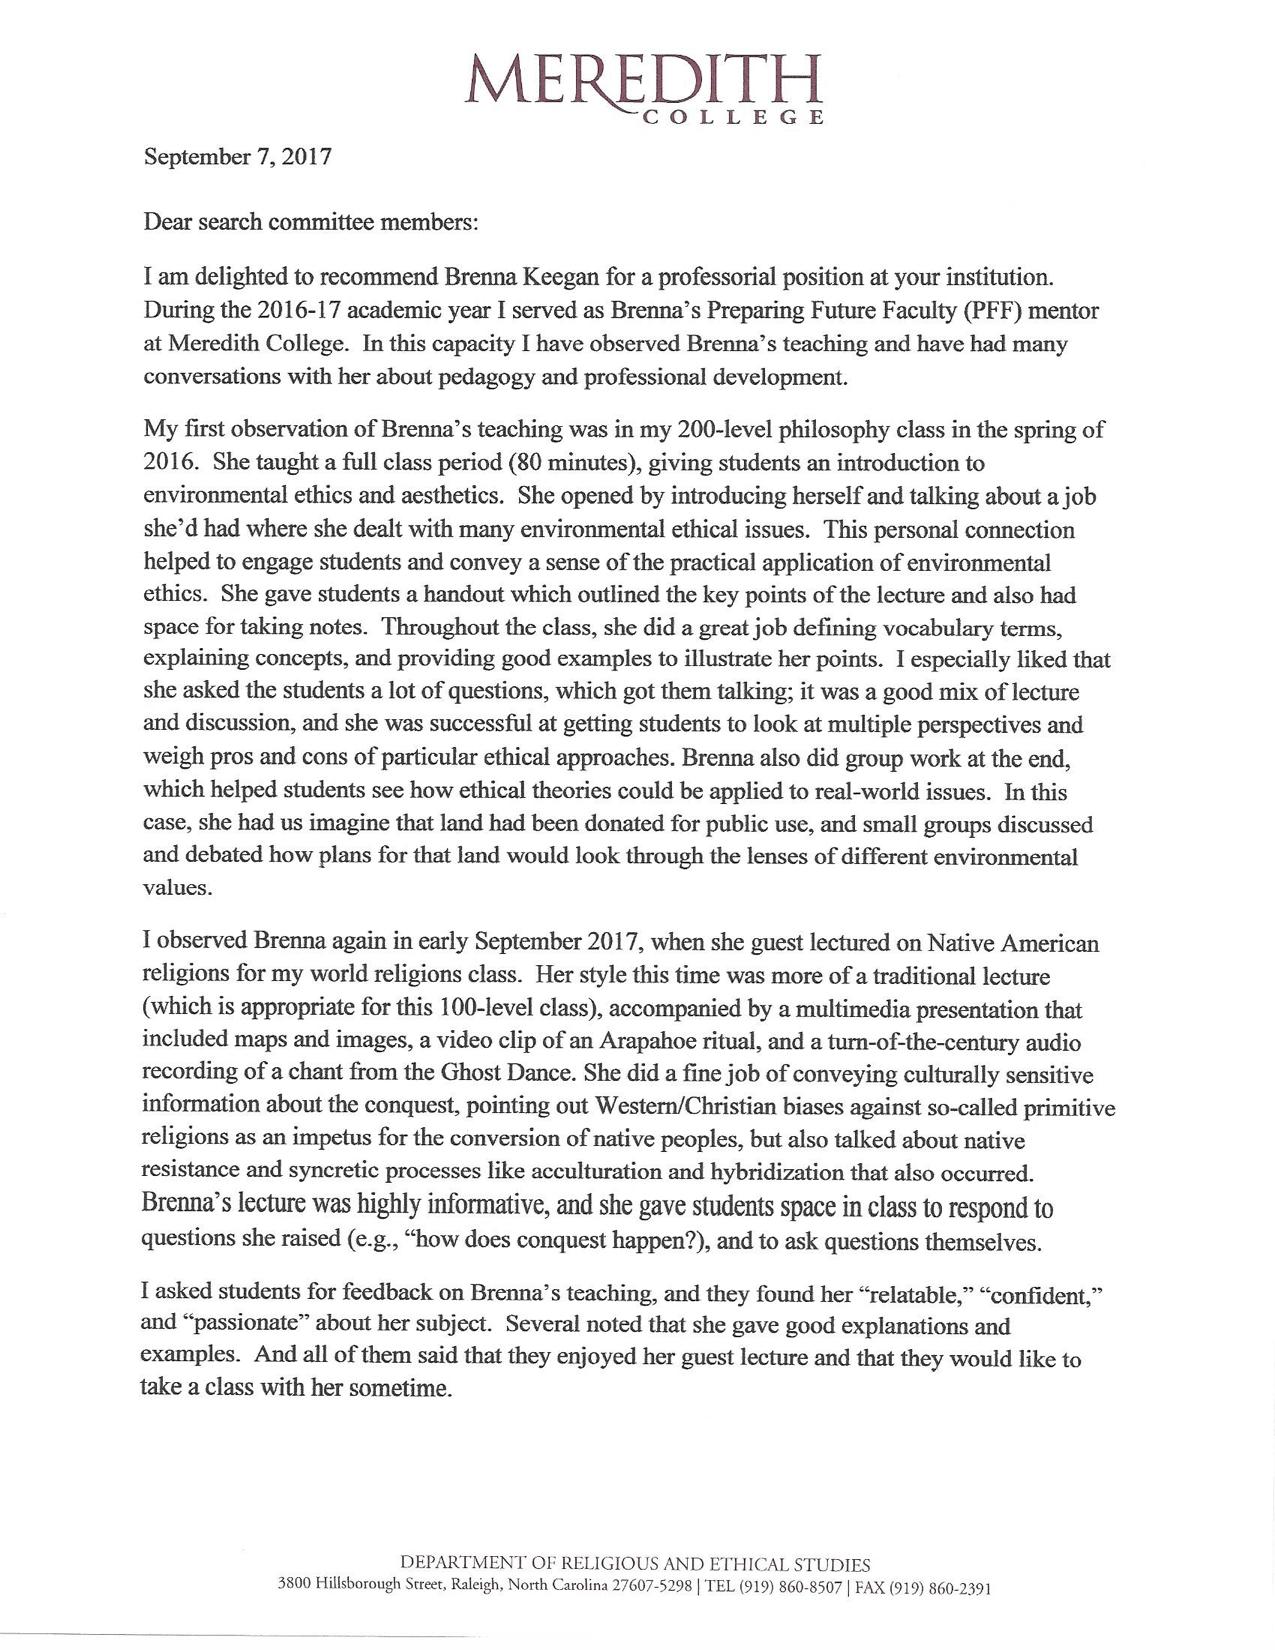 Brenna Keegan letter 2017a.jpg